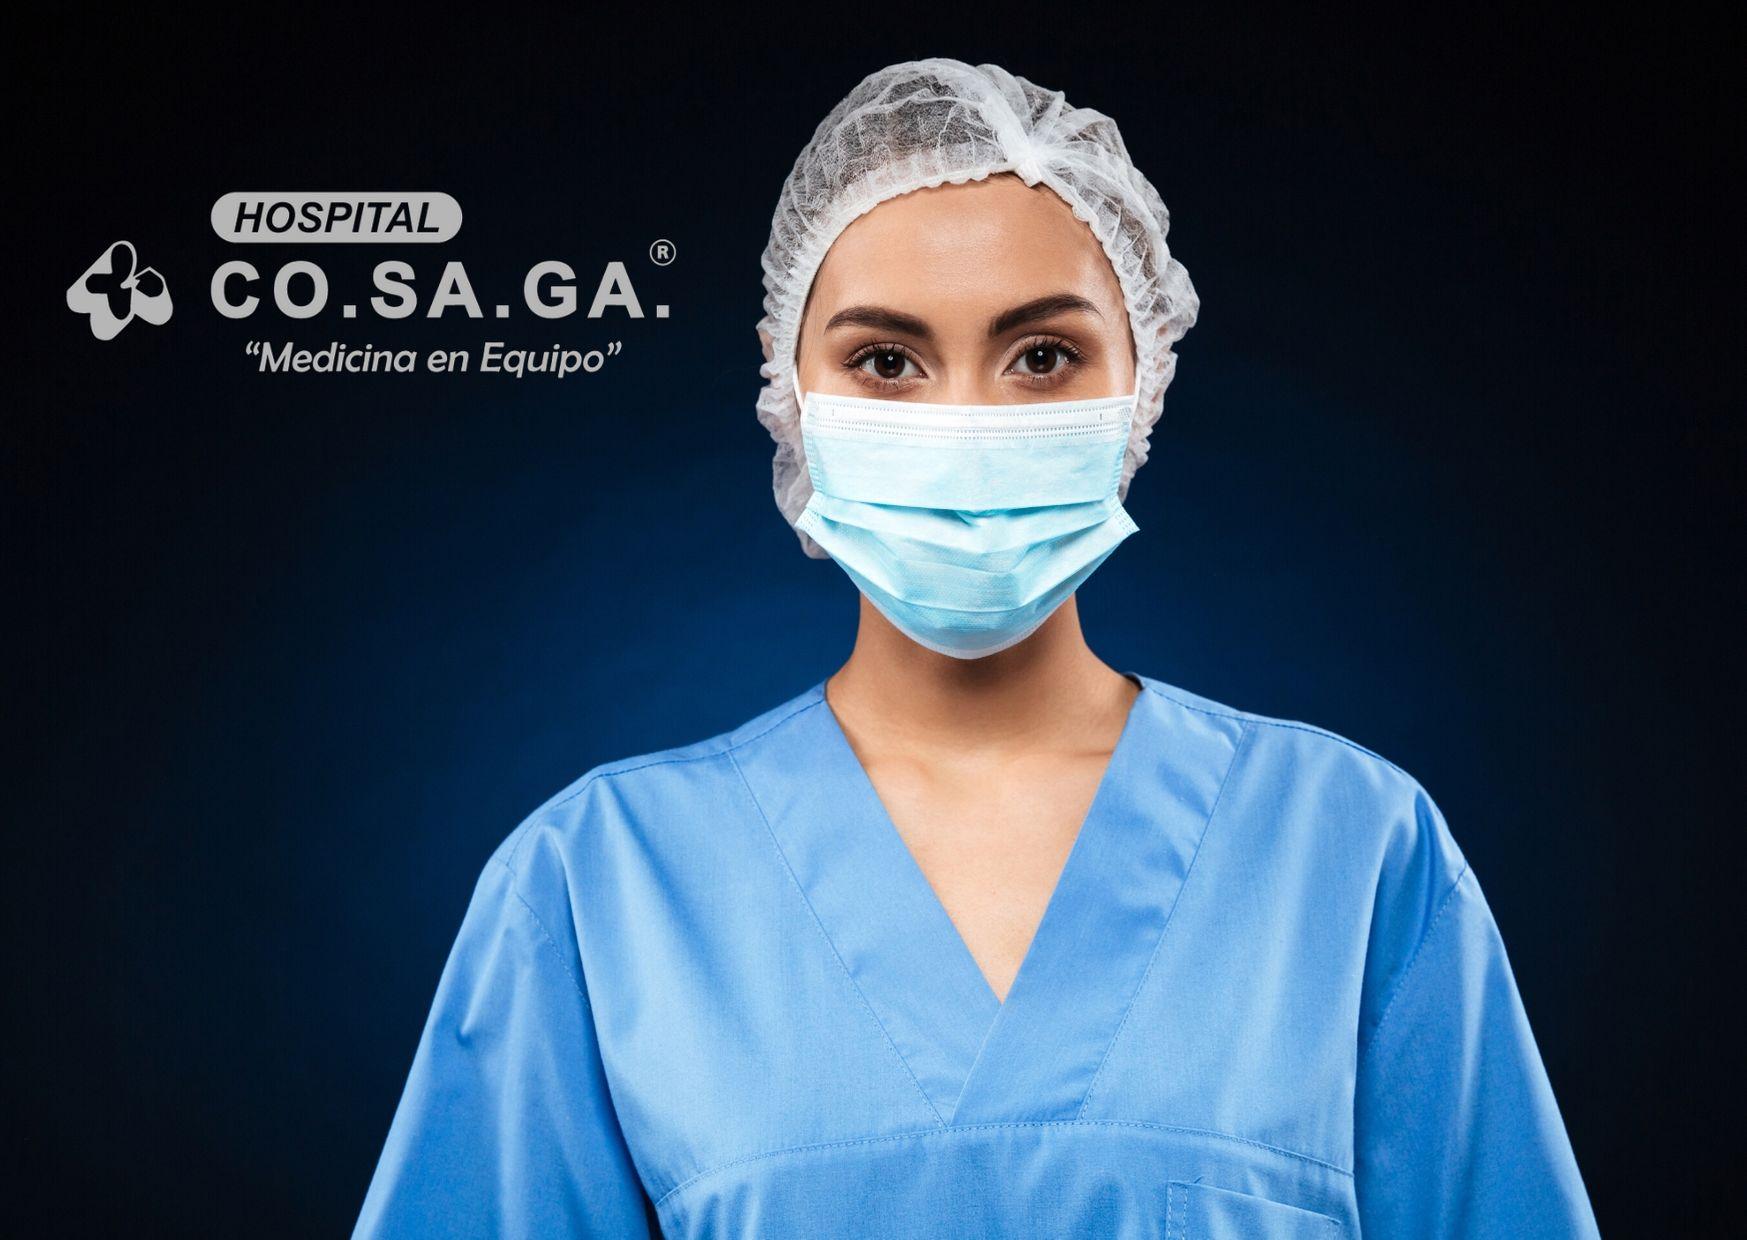 Día Mundial de la Enfermería: Gracias